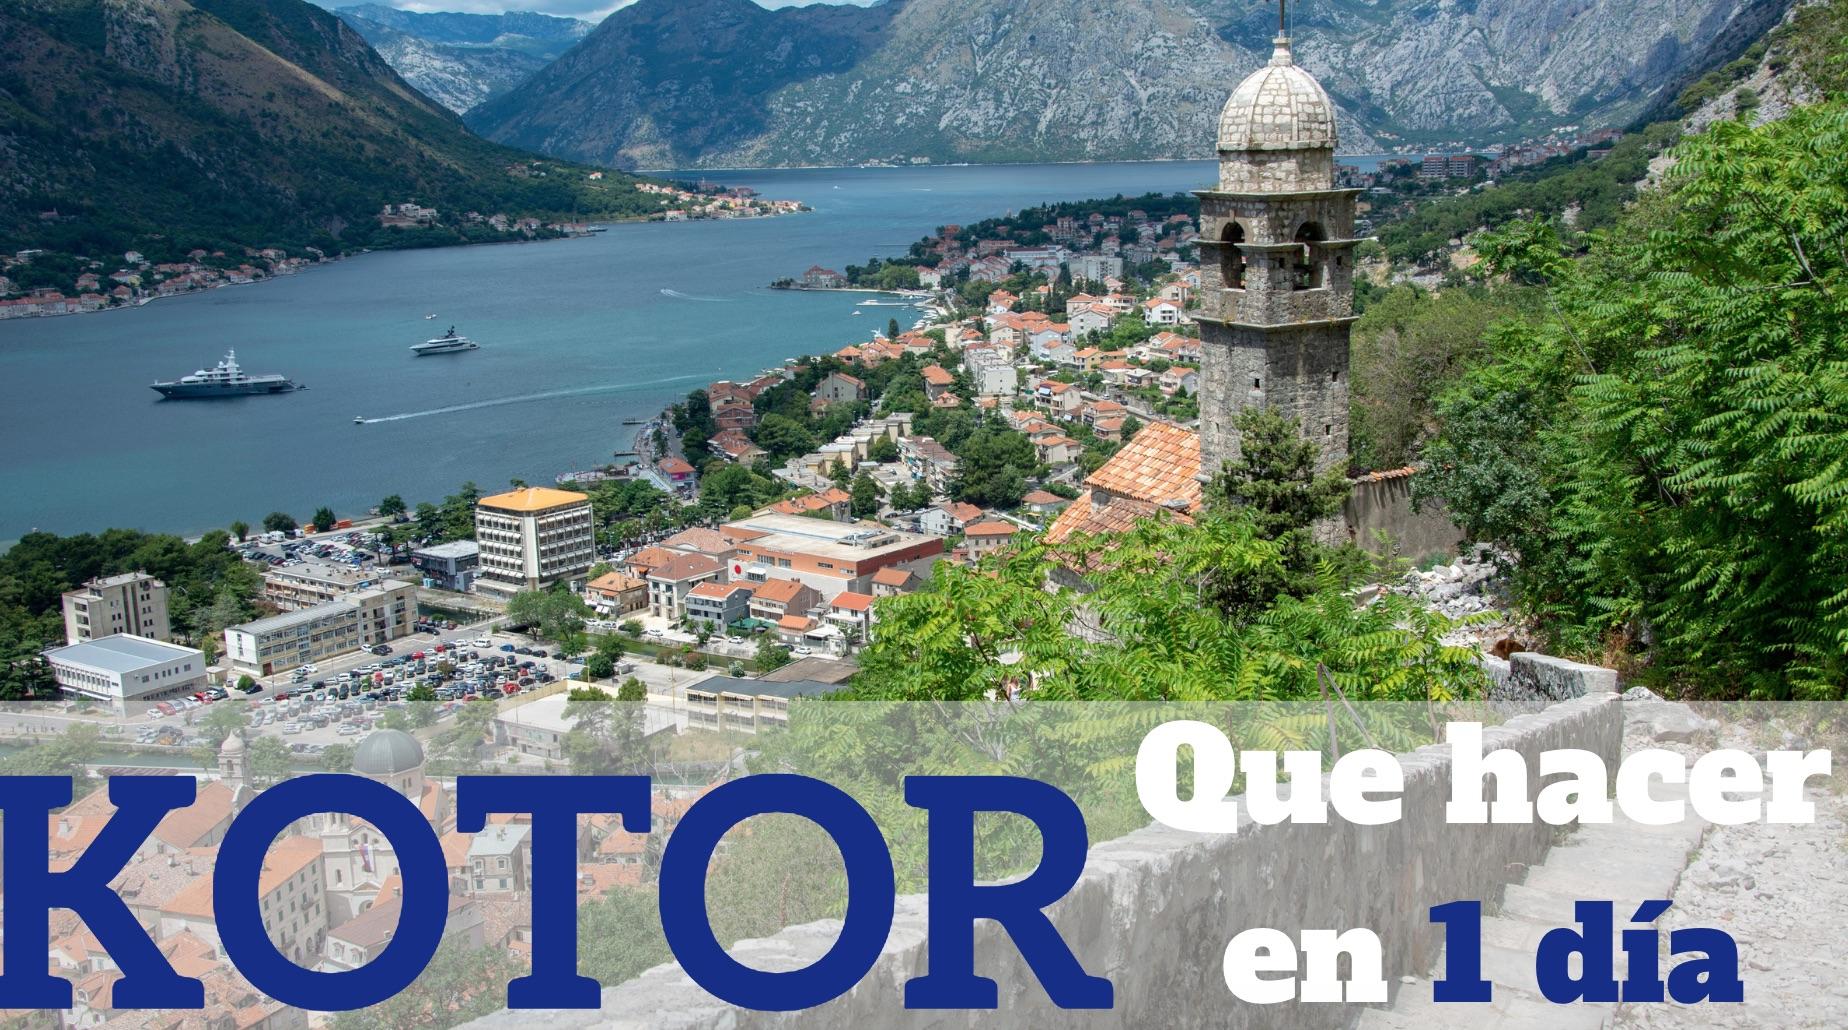 Que hacer en un dia en Kotor